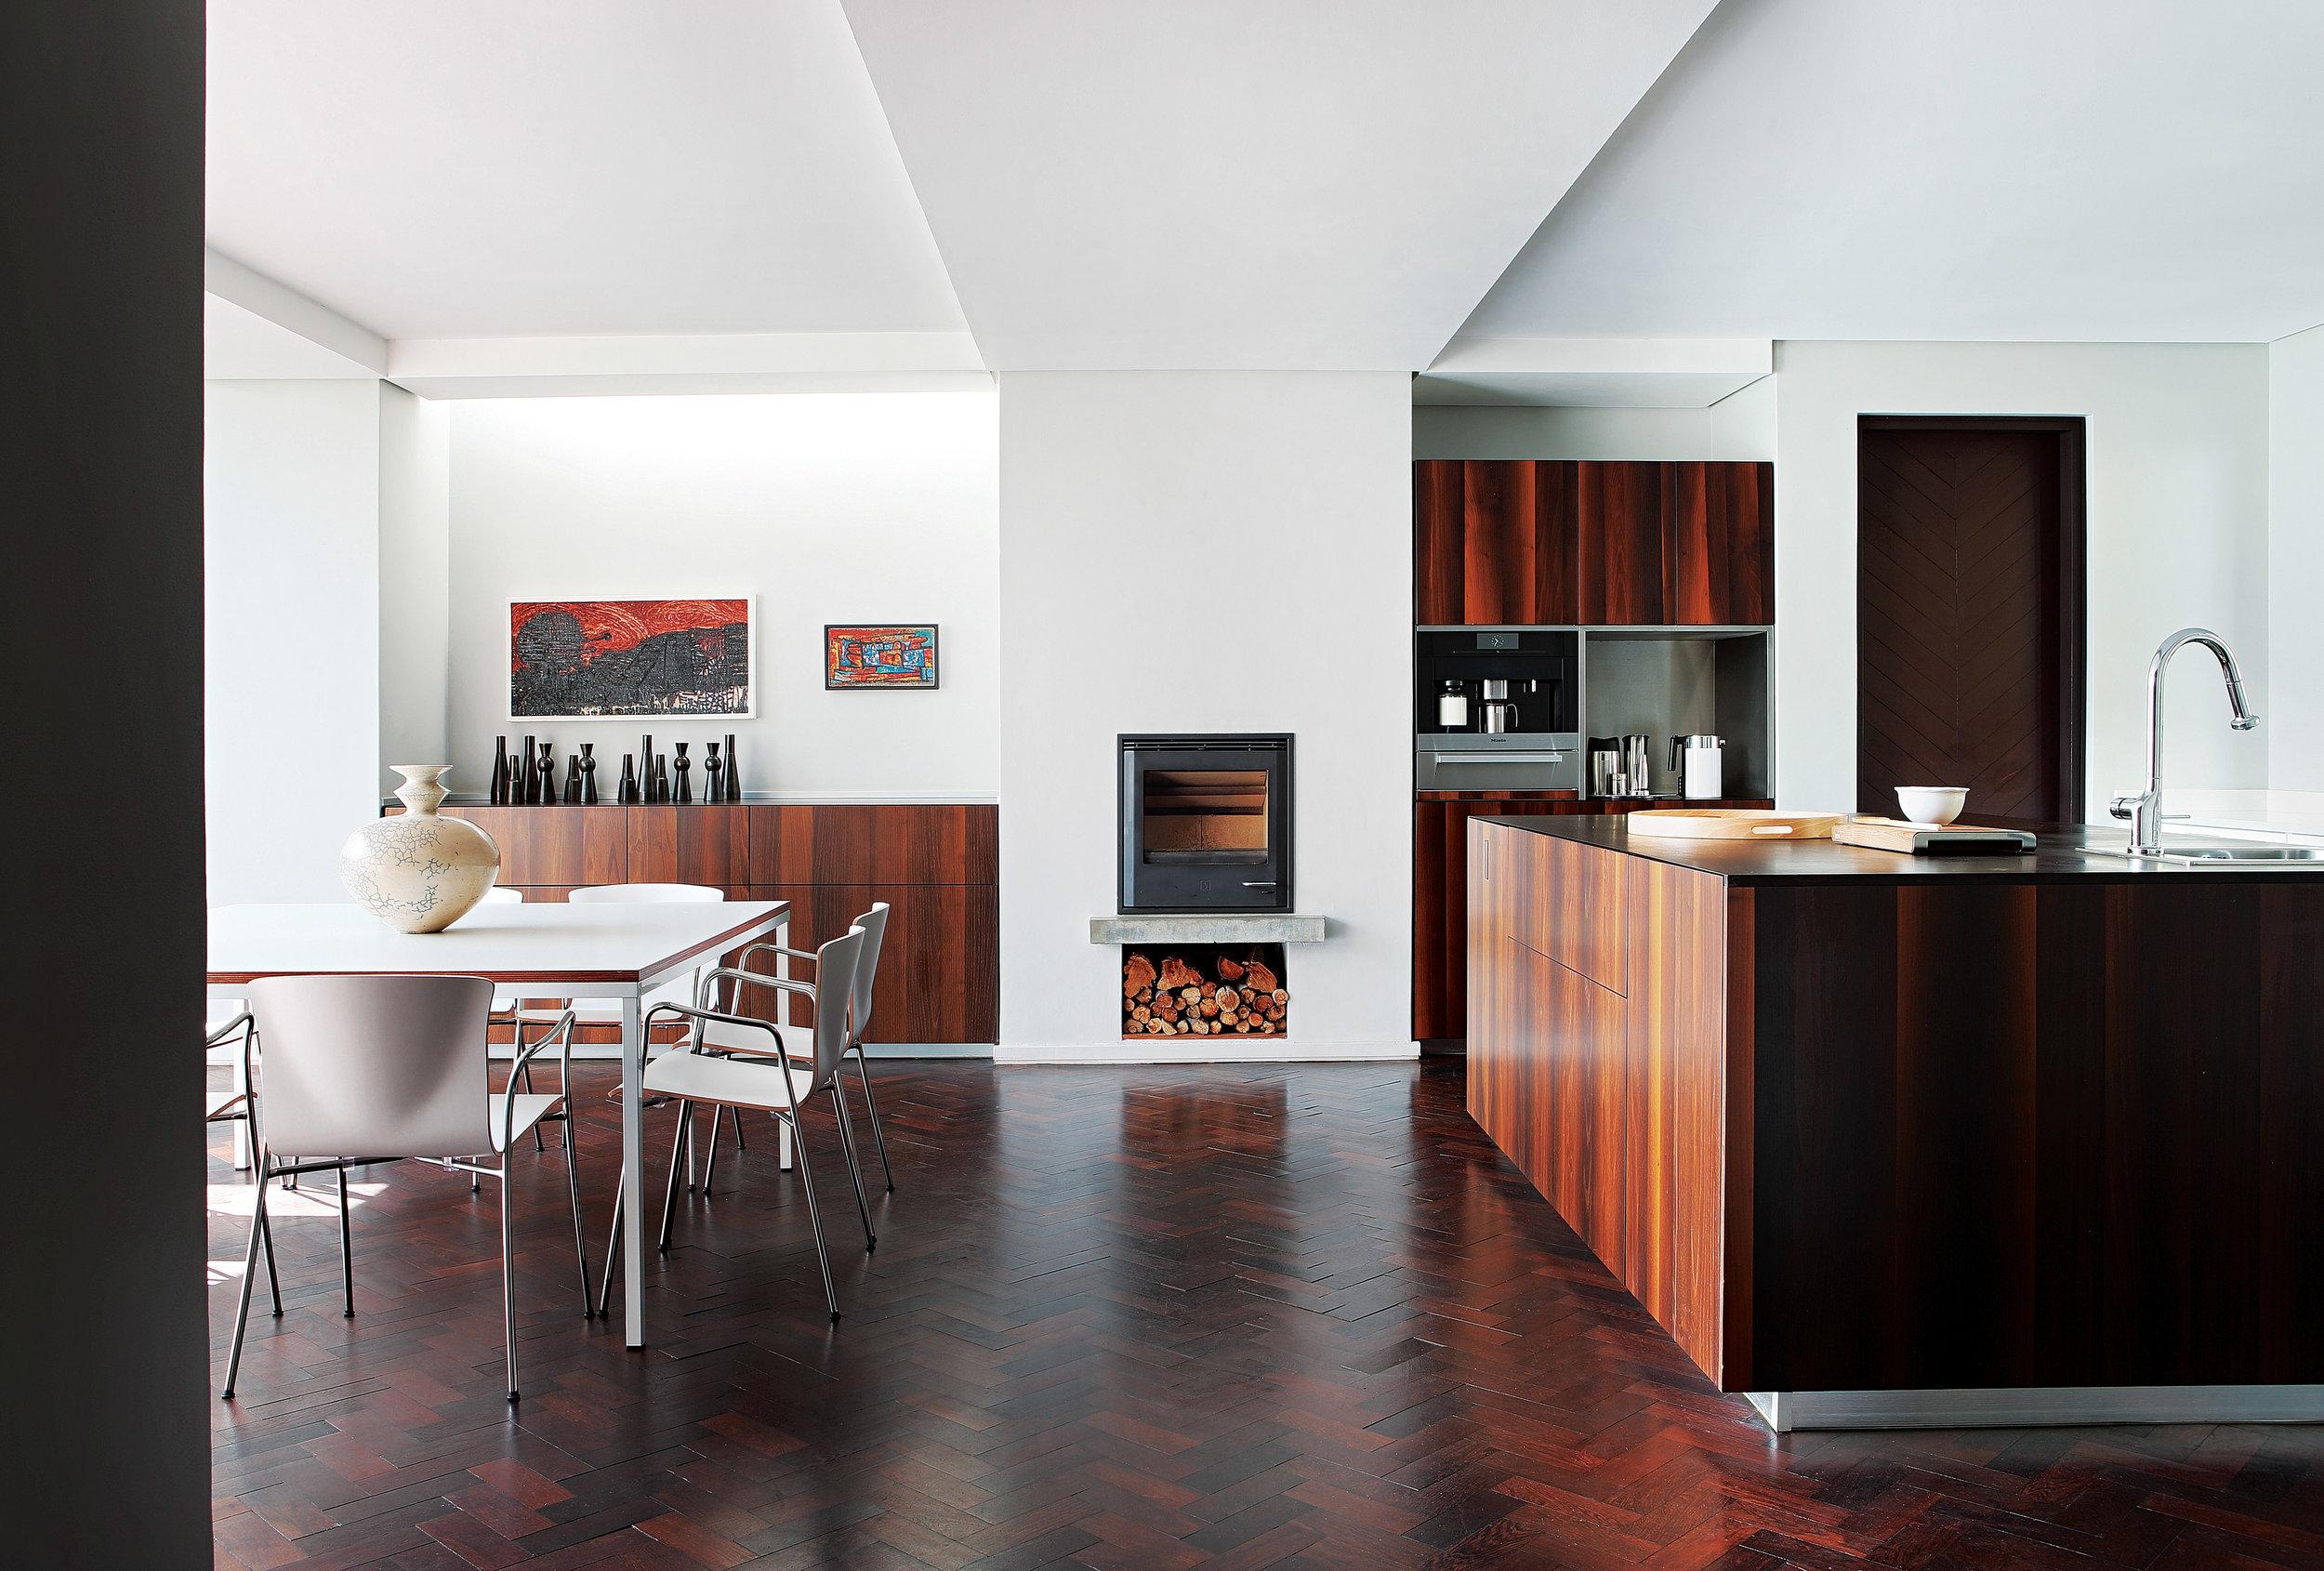 HandL0917_houseVanDerWalt_vdwalt_kitchen3.jpg